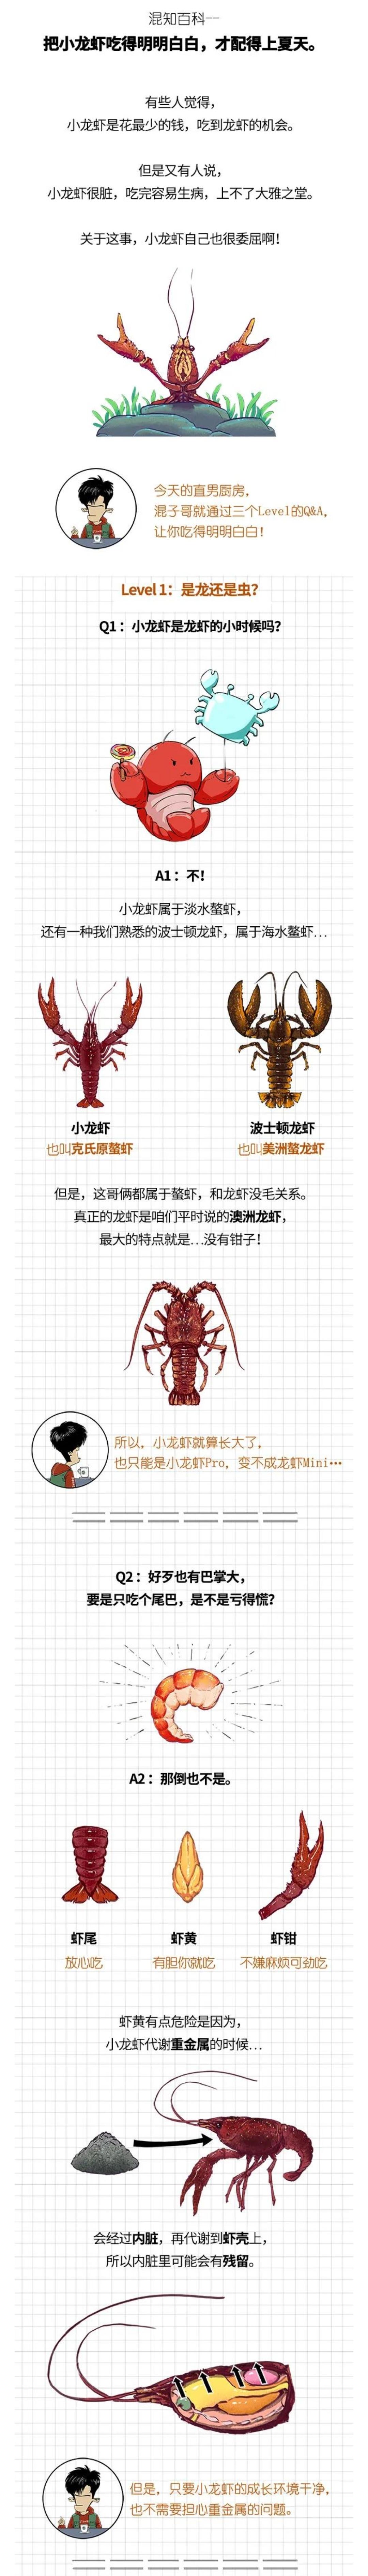 把小龙虾吃得明明白白1